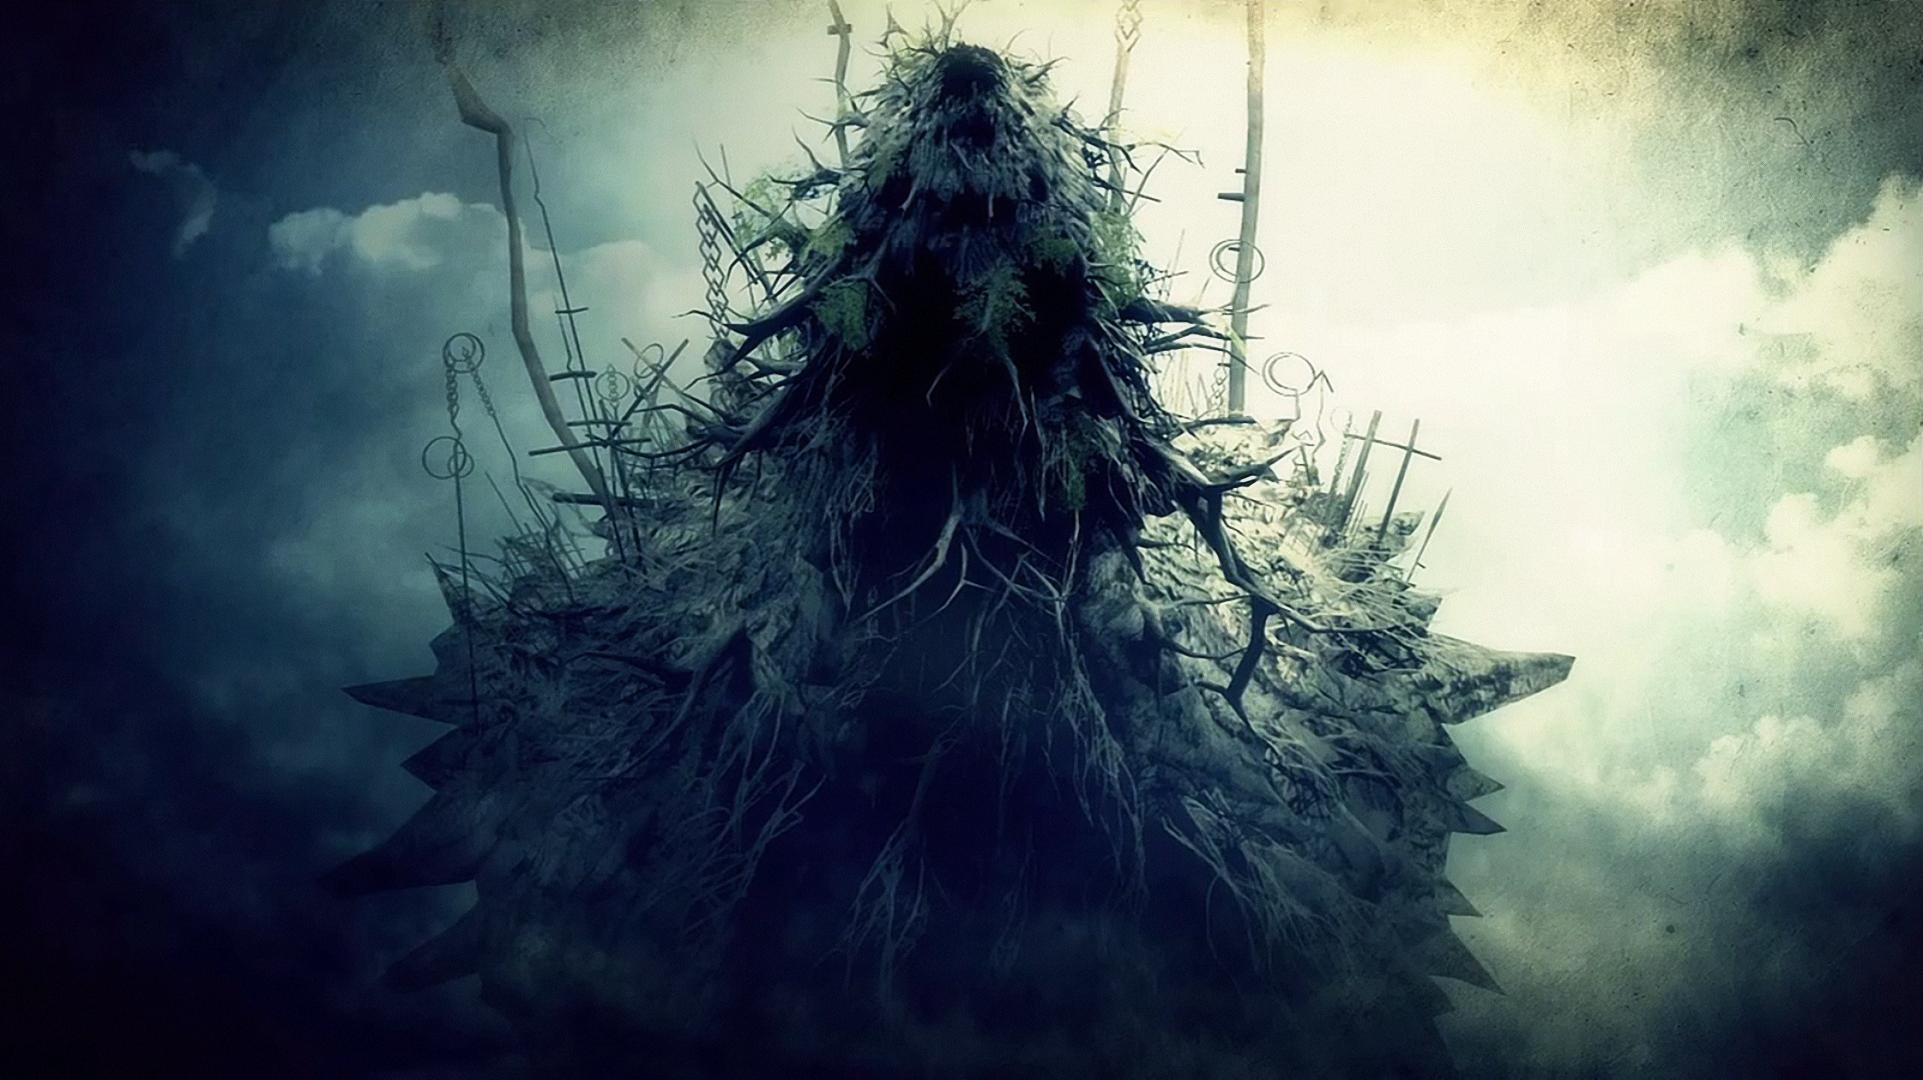 3 Iron Golem (Dark Souls) HD Wallpapers | Backgrounds - Wallpaper ...